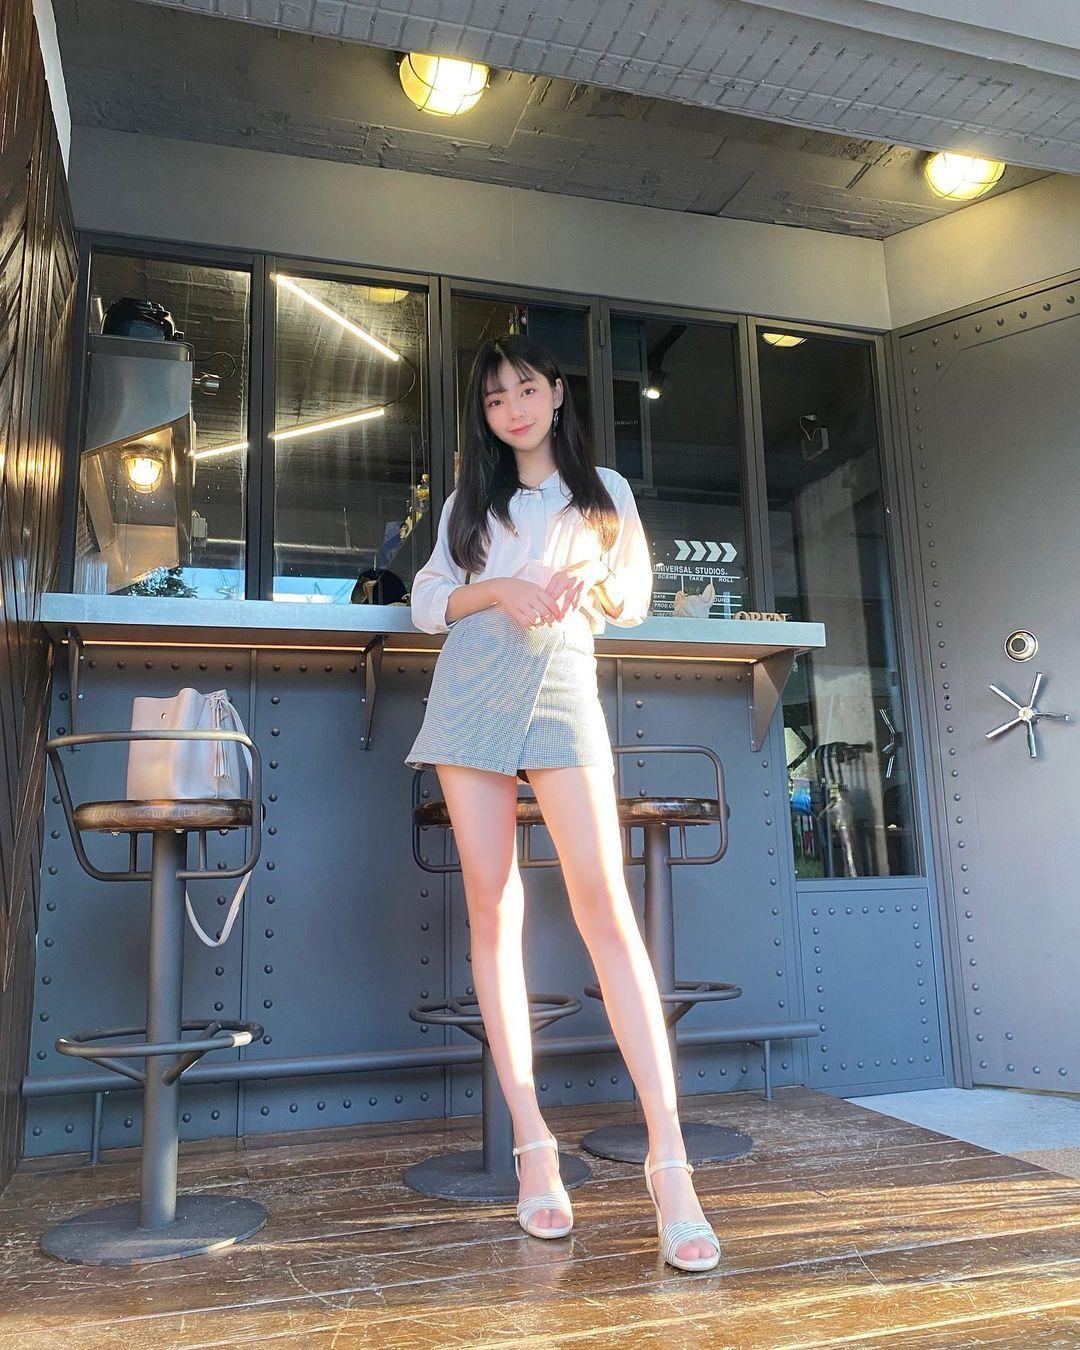 高校妹子真美!「最美高校生」的景美女中学生「许悦」插图1